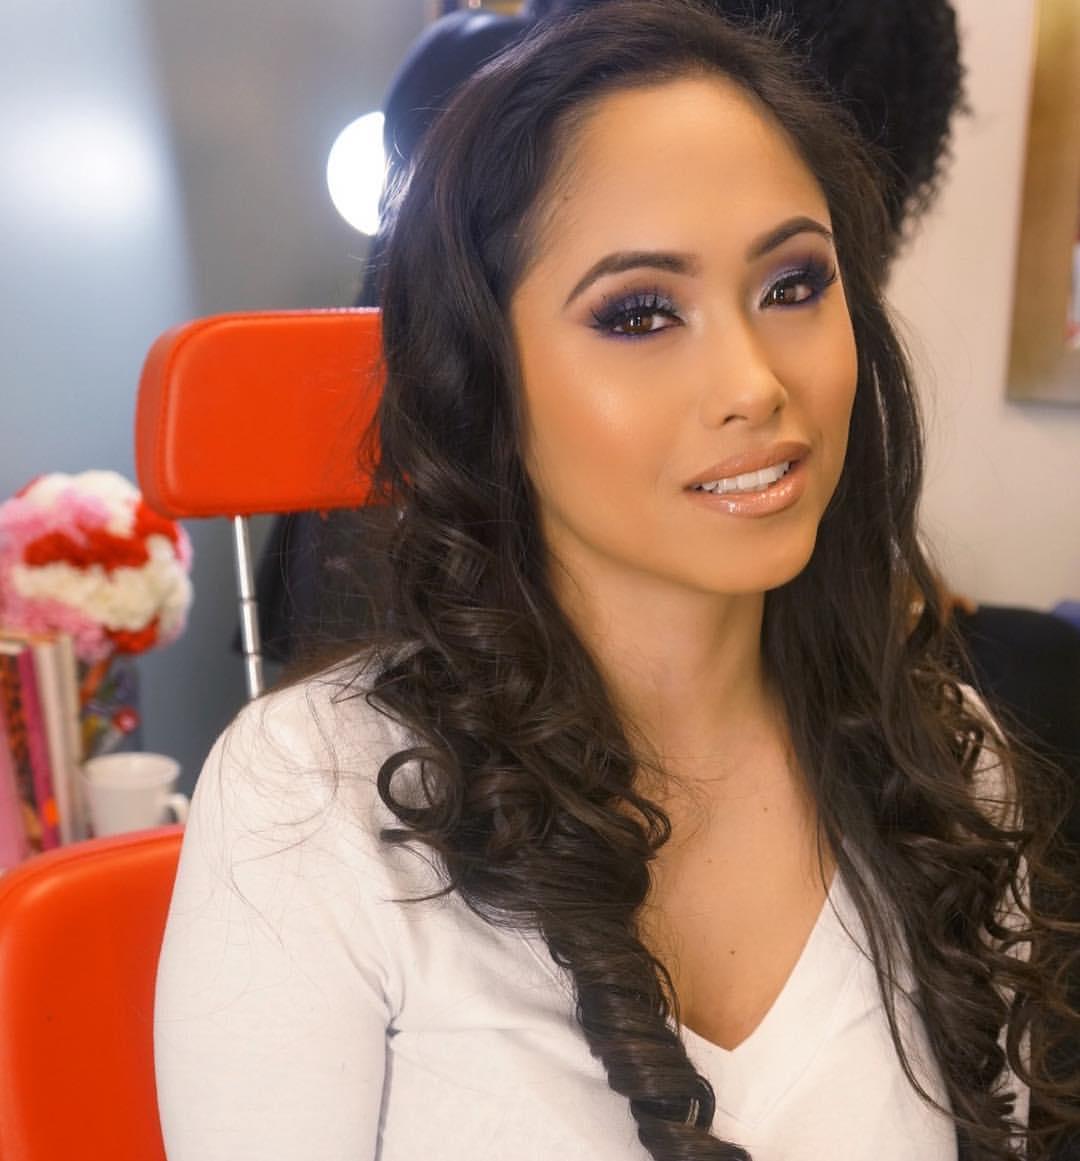 hispanic girl with makeup